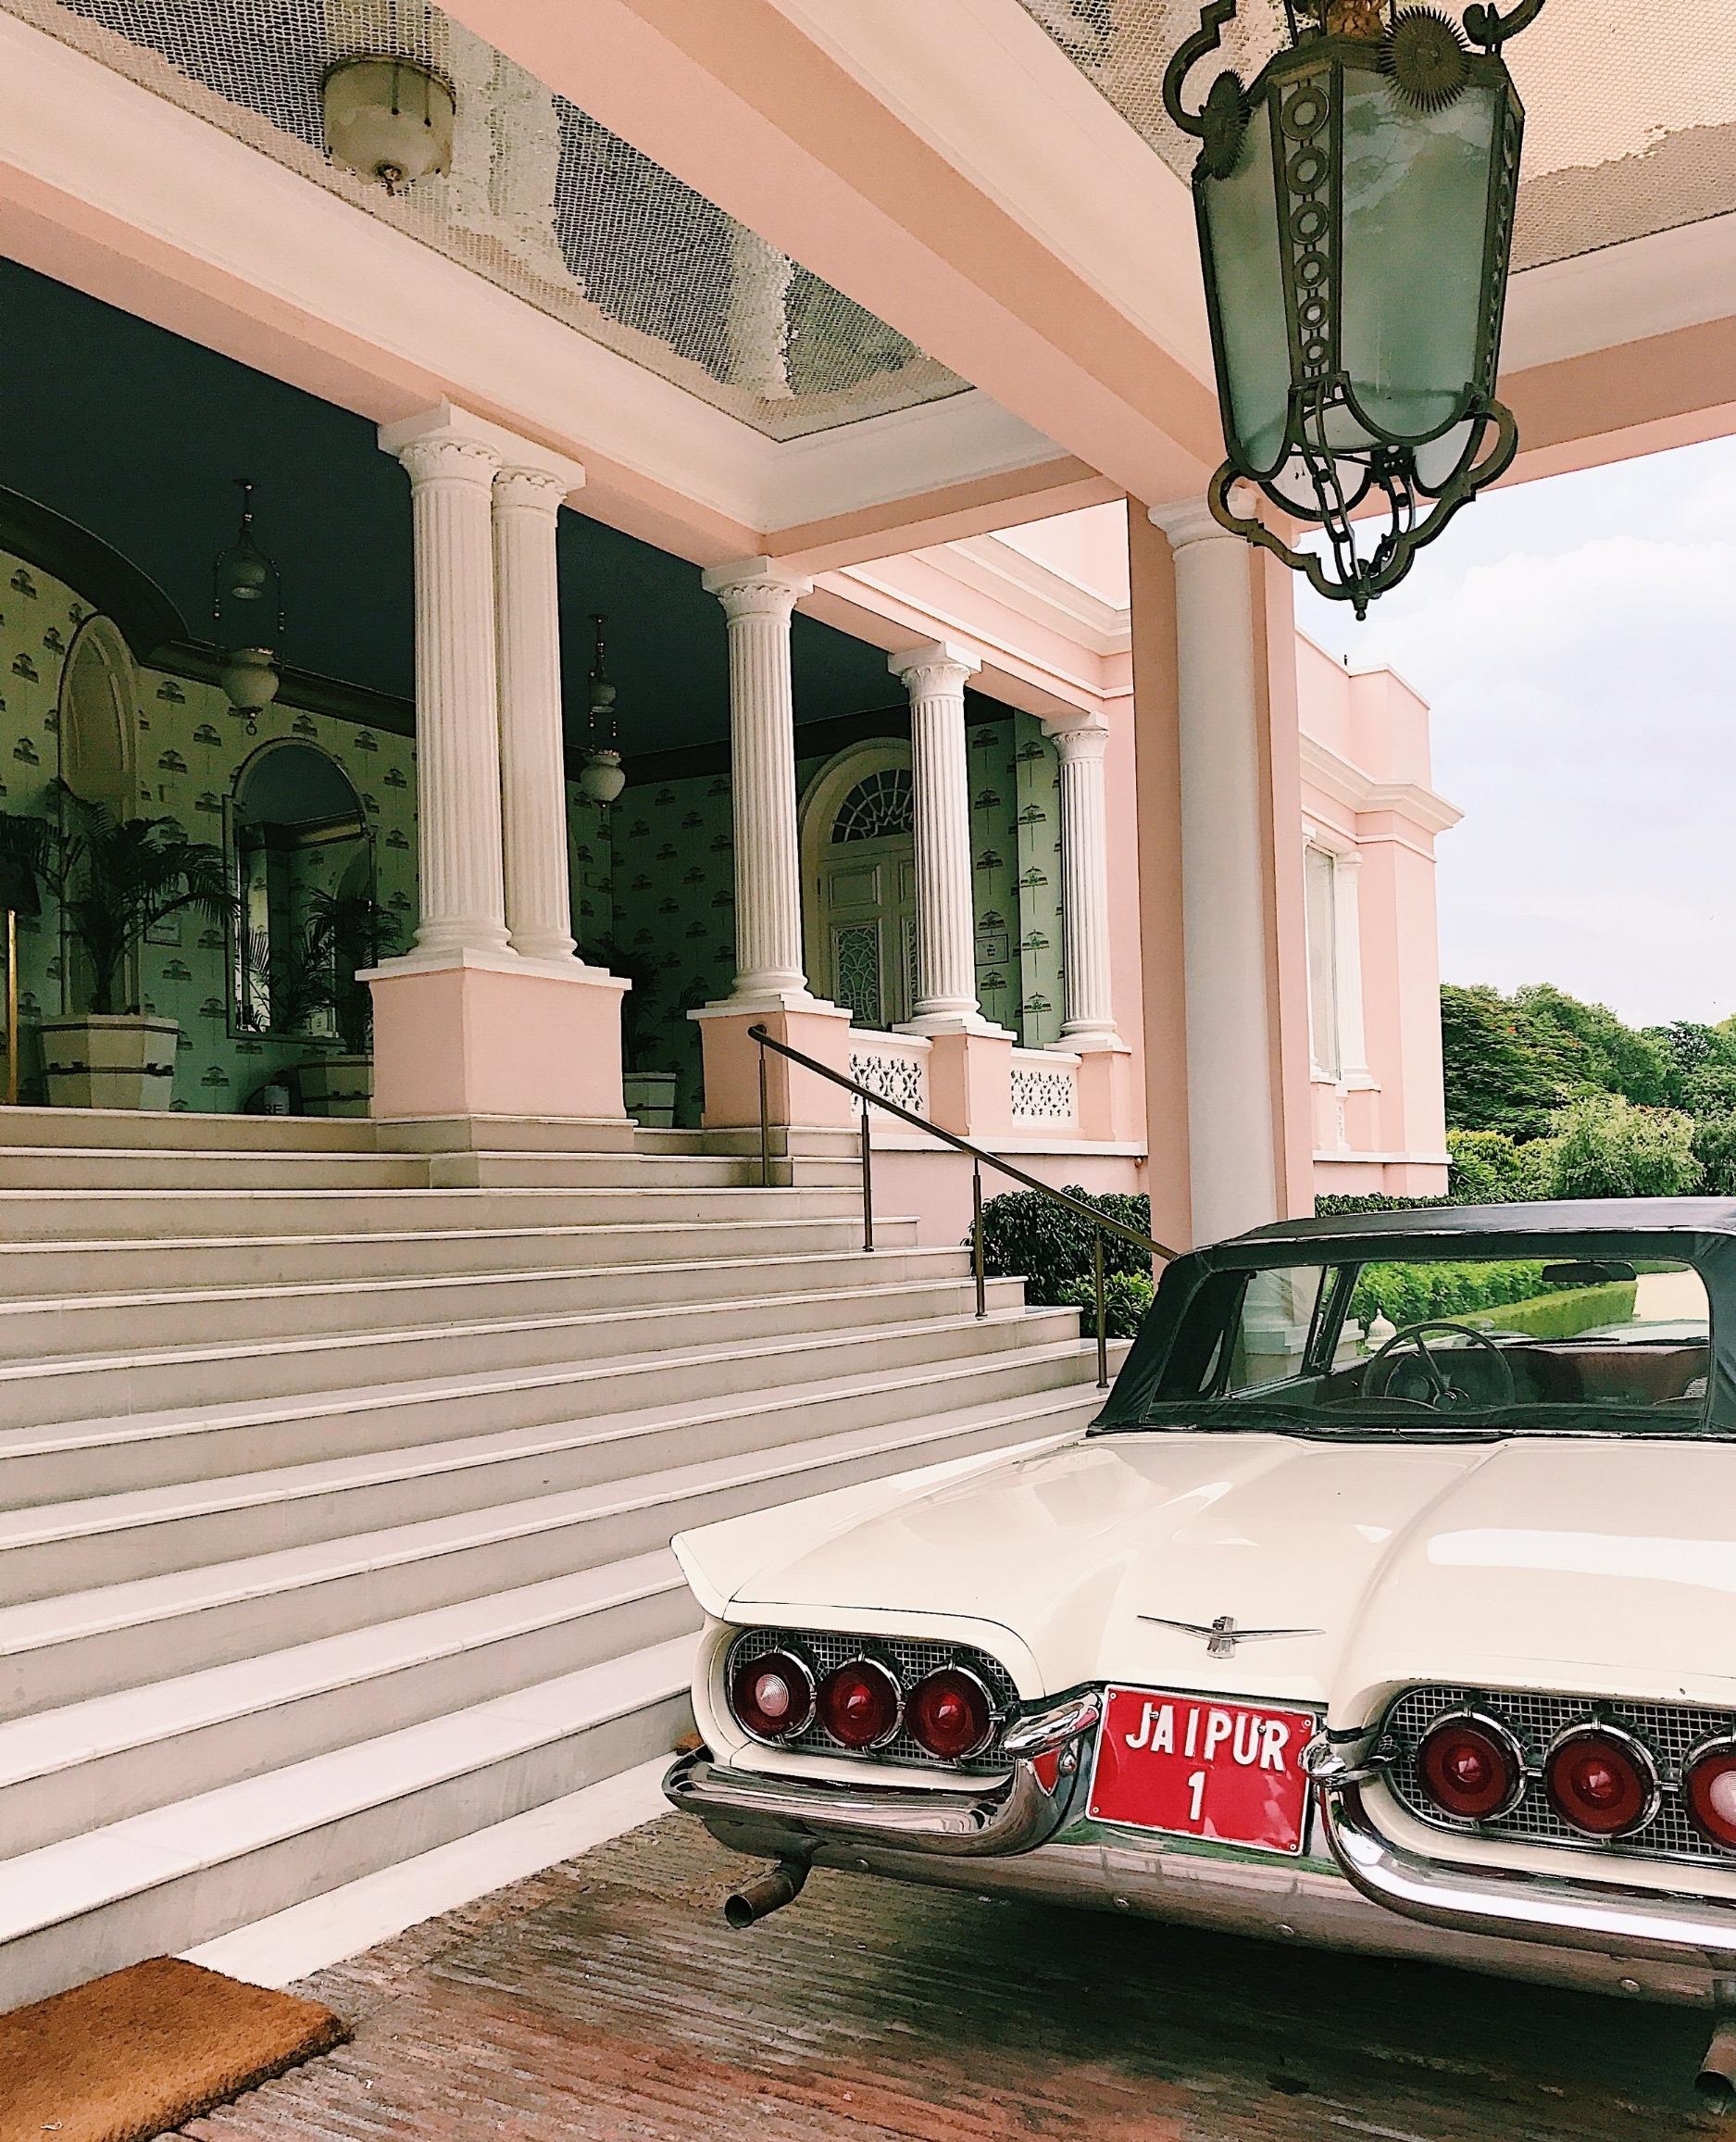 'Jaipur 1' at SUJAN Rajmahal